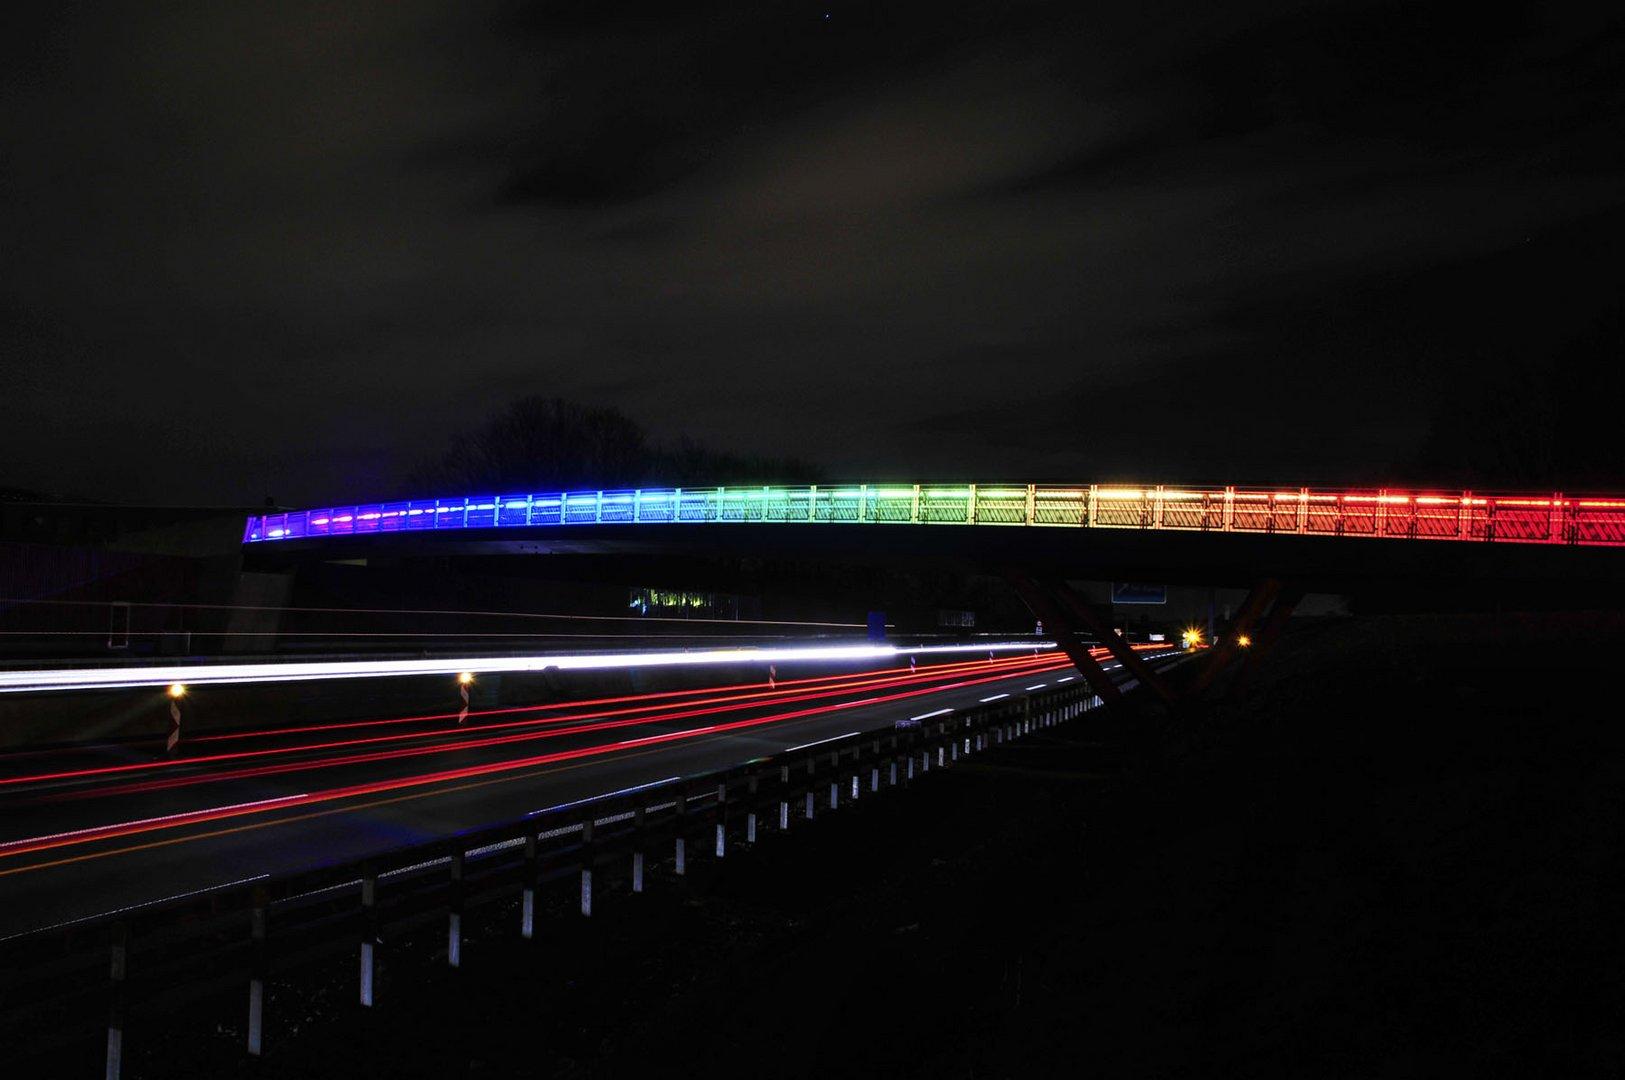 Die Regenbogenbrücke von Dortmund